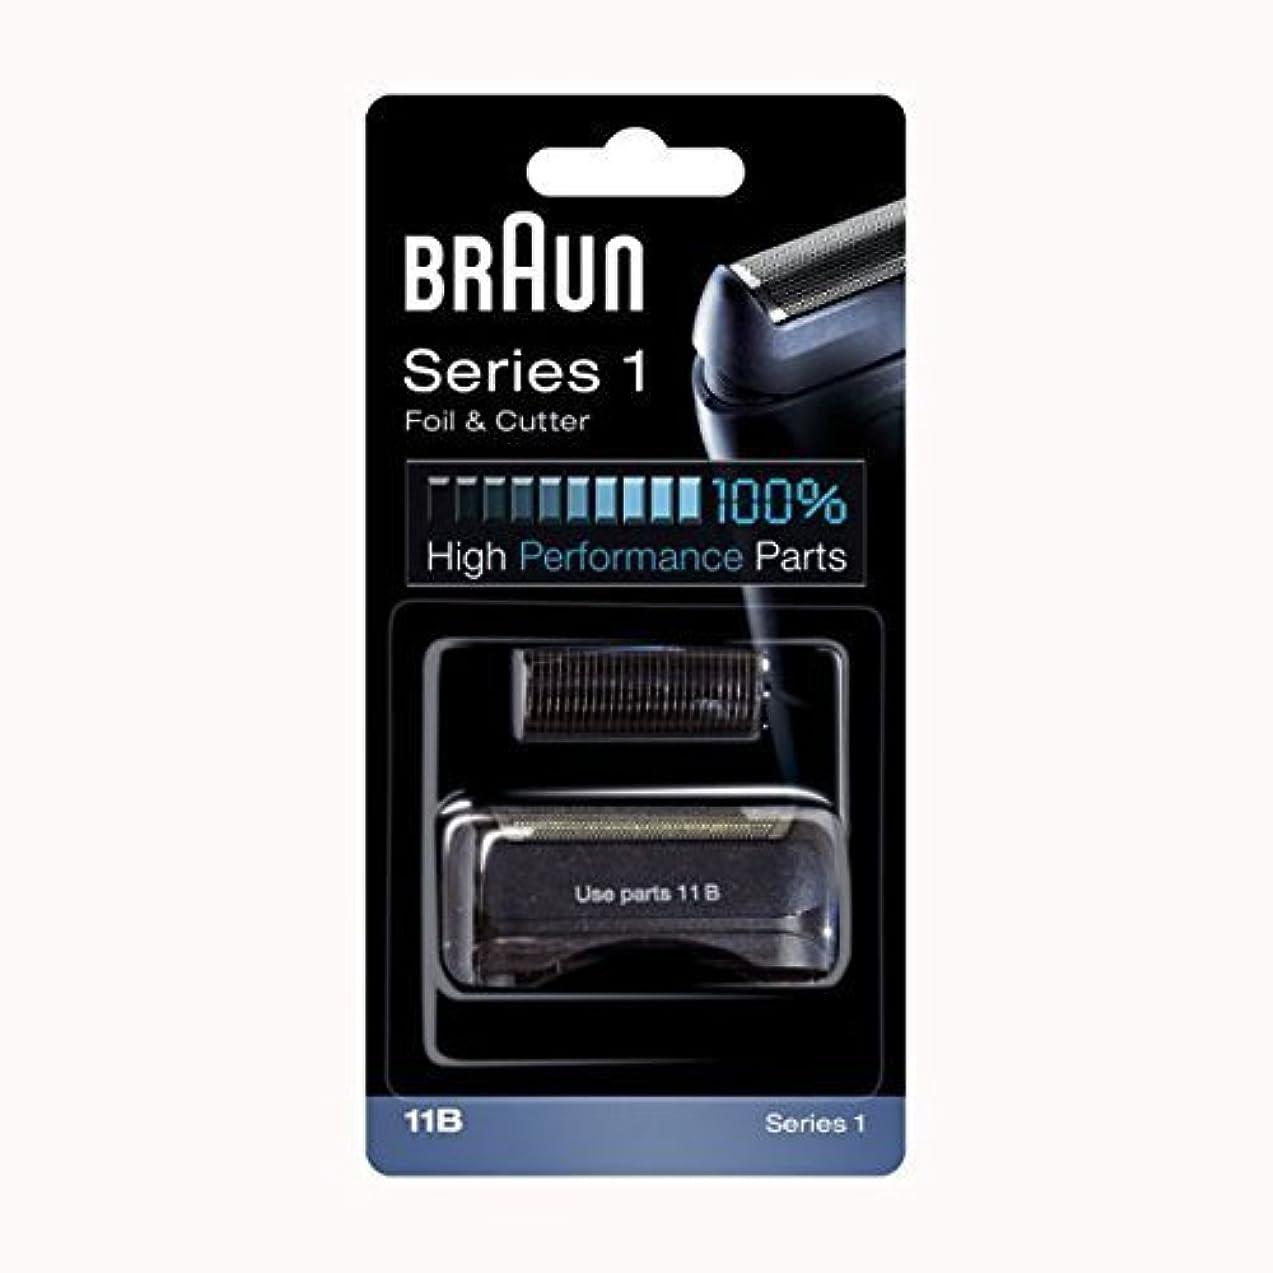 追い越す放映モードBraun Series 150 Combipack 11B by Braun GmbH [並行輸入品]